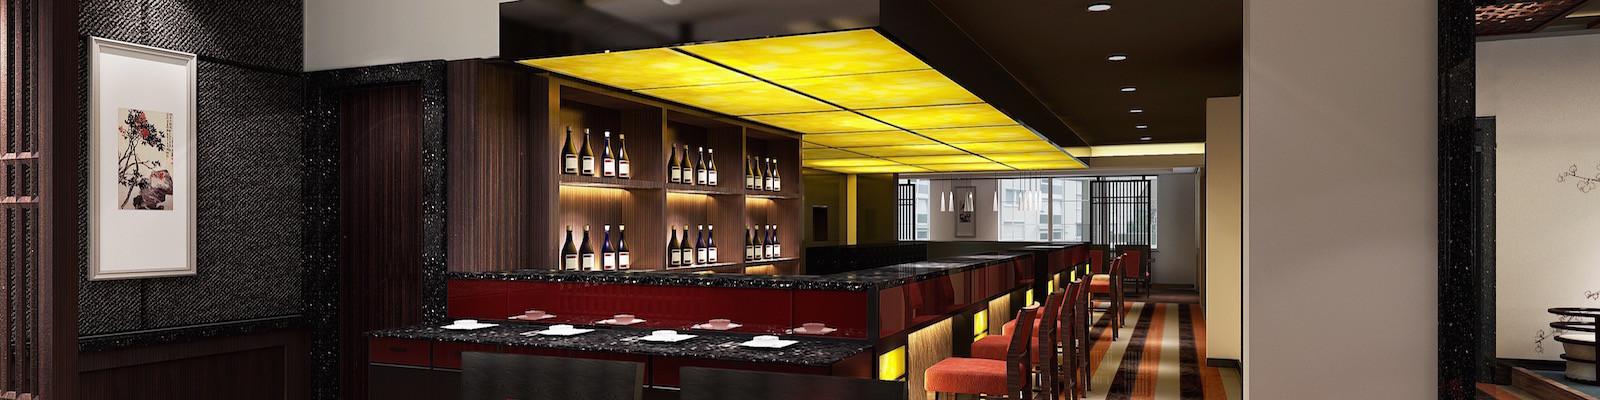 Yuoki Bar